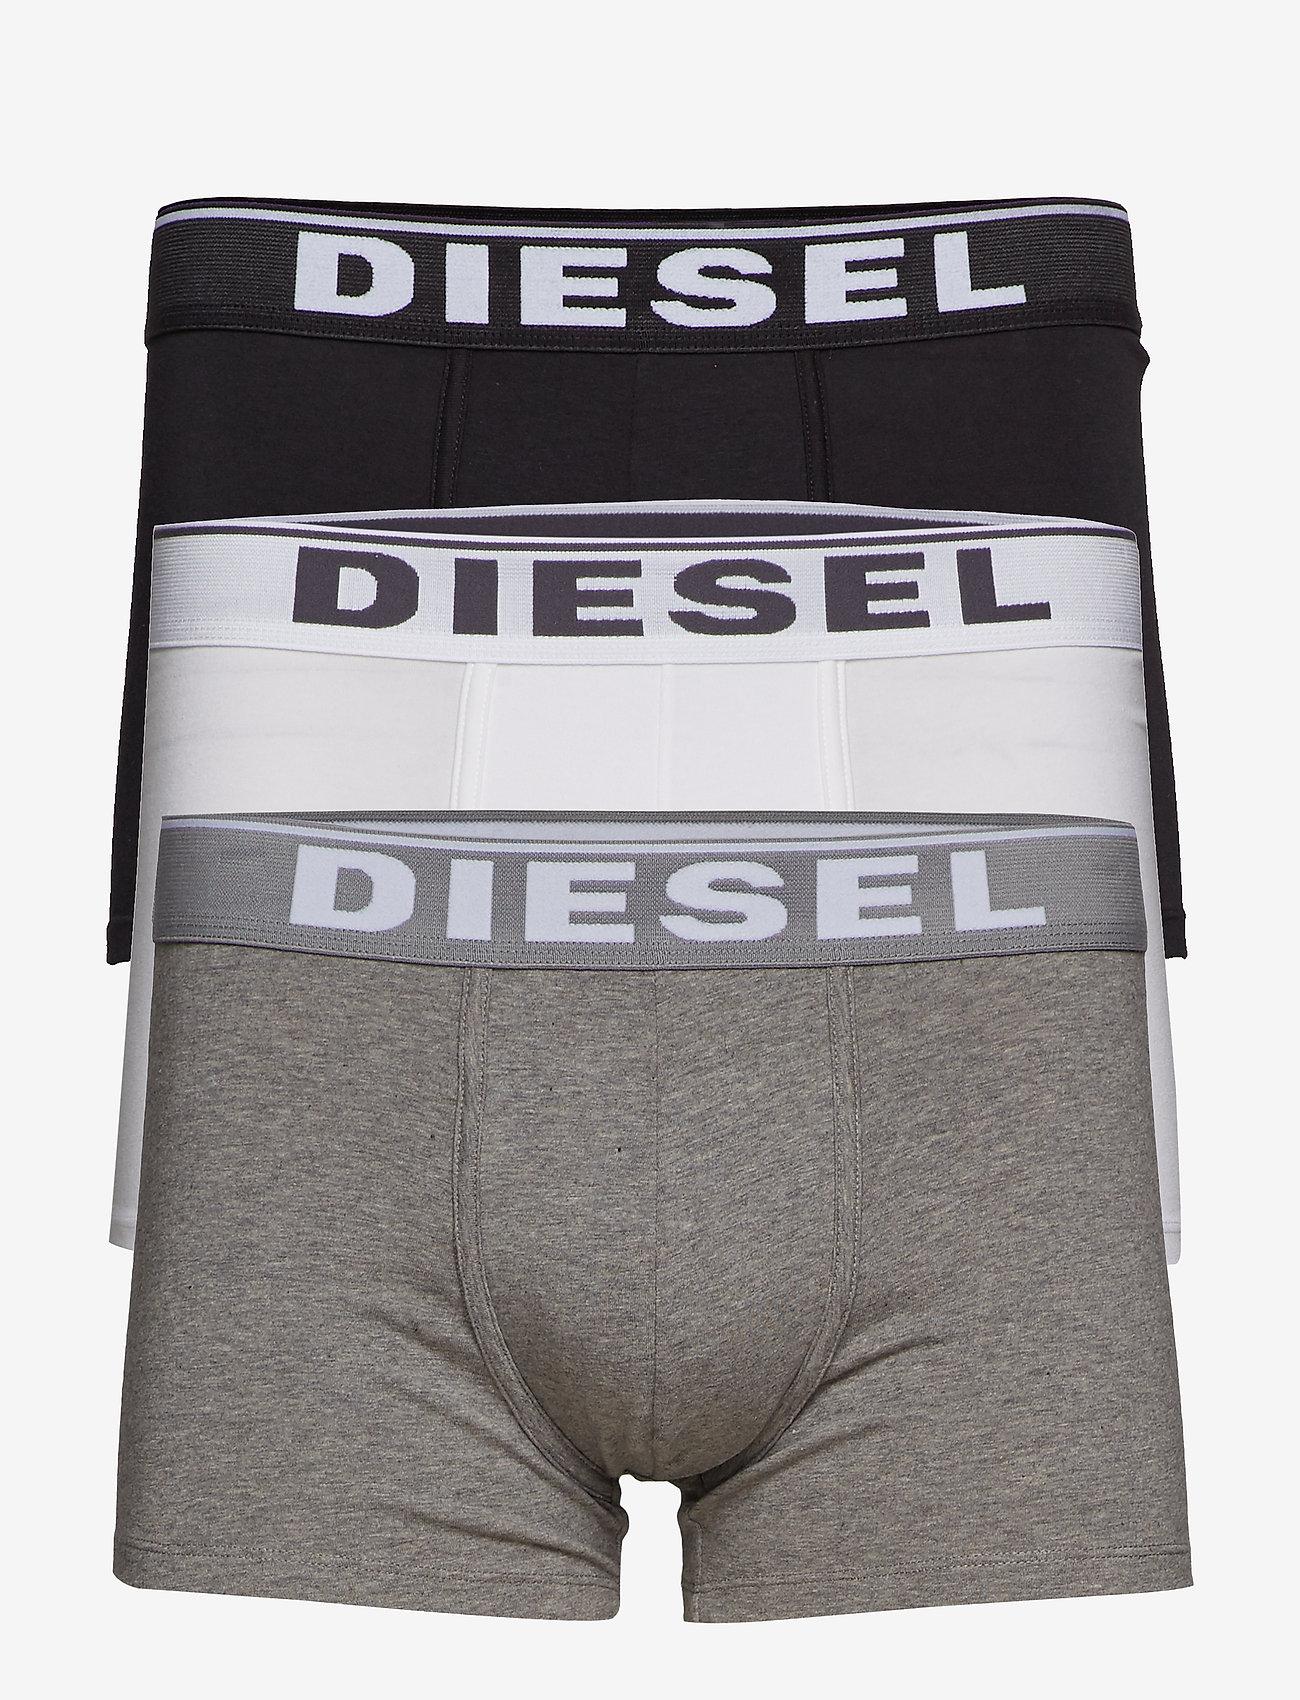 Diesel Men - UMBX-DAMIENTHREEPACK BOXER-SHORTS - boxers - ah96x+ah900+ah100 - 0